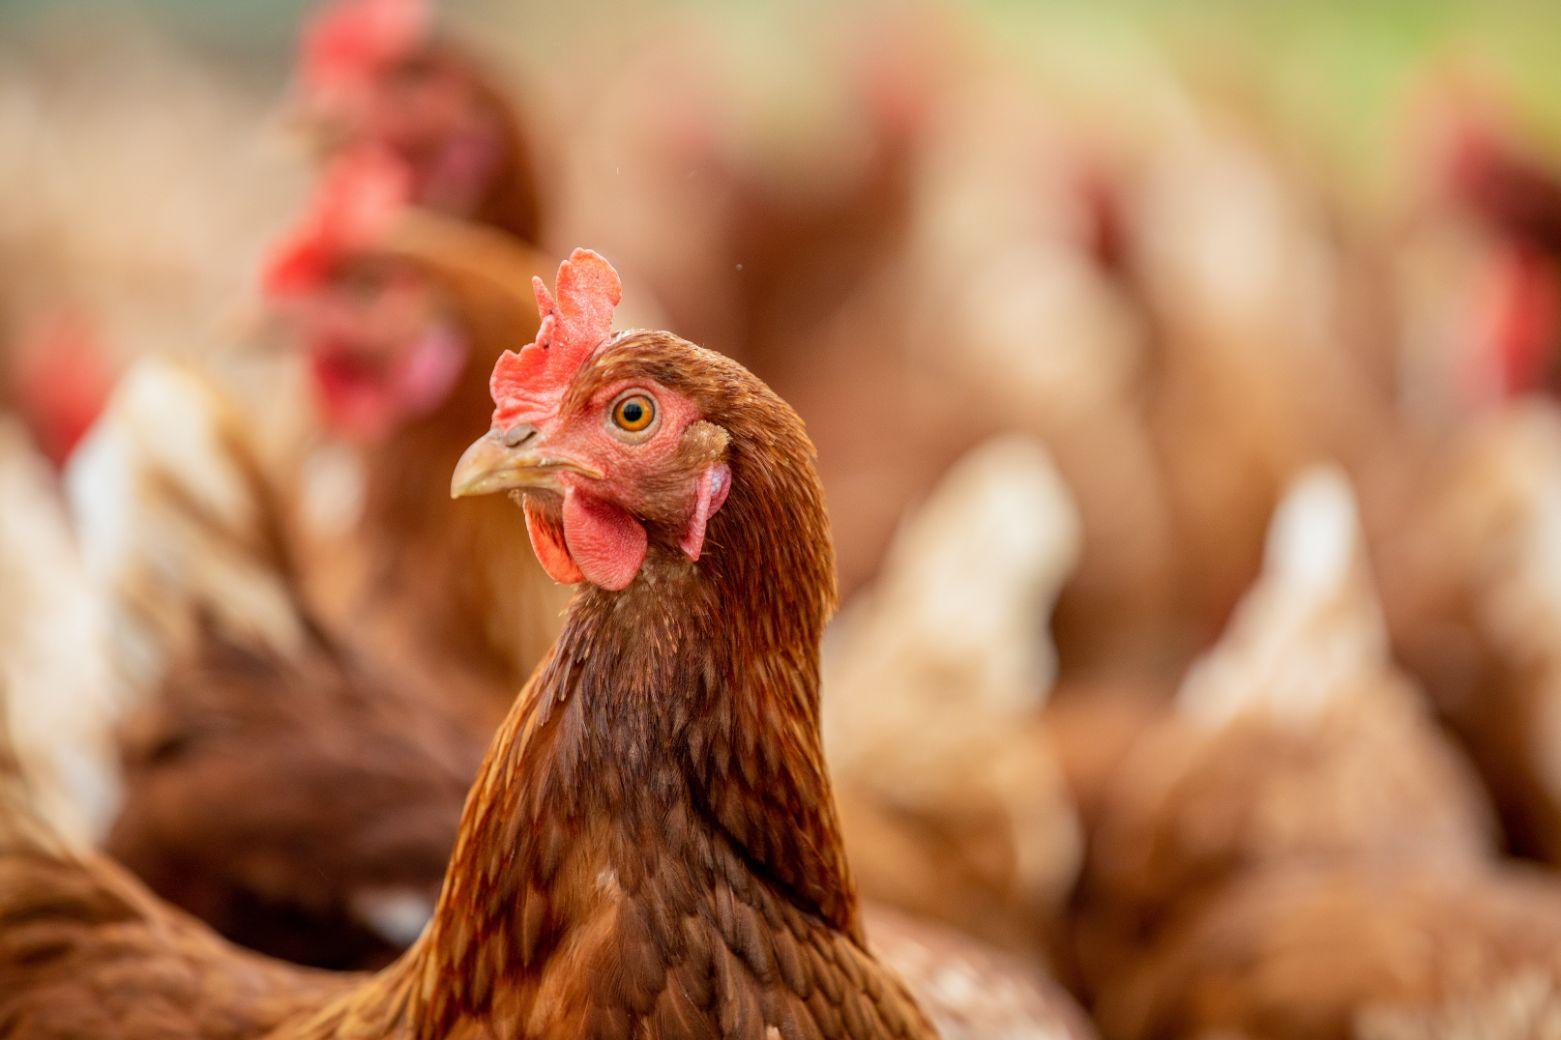 Our response to Bird flu